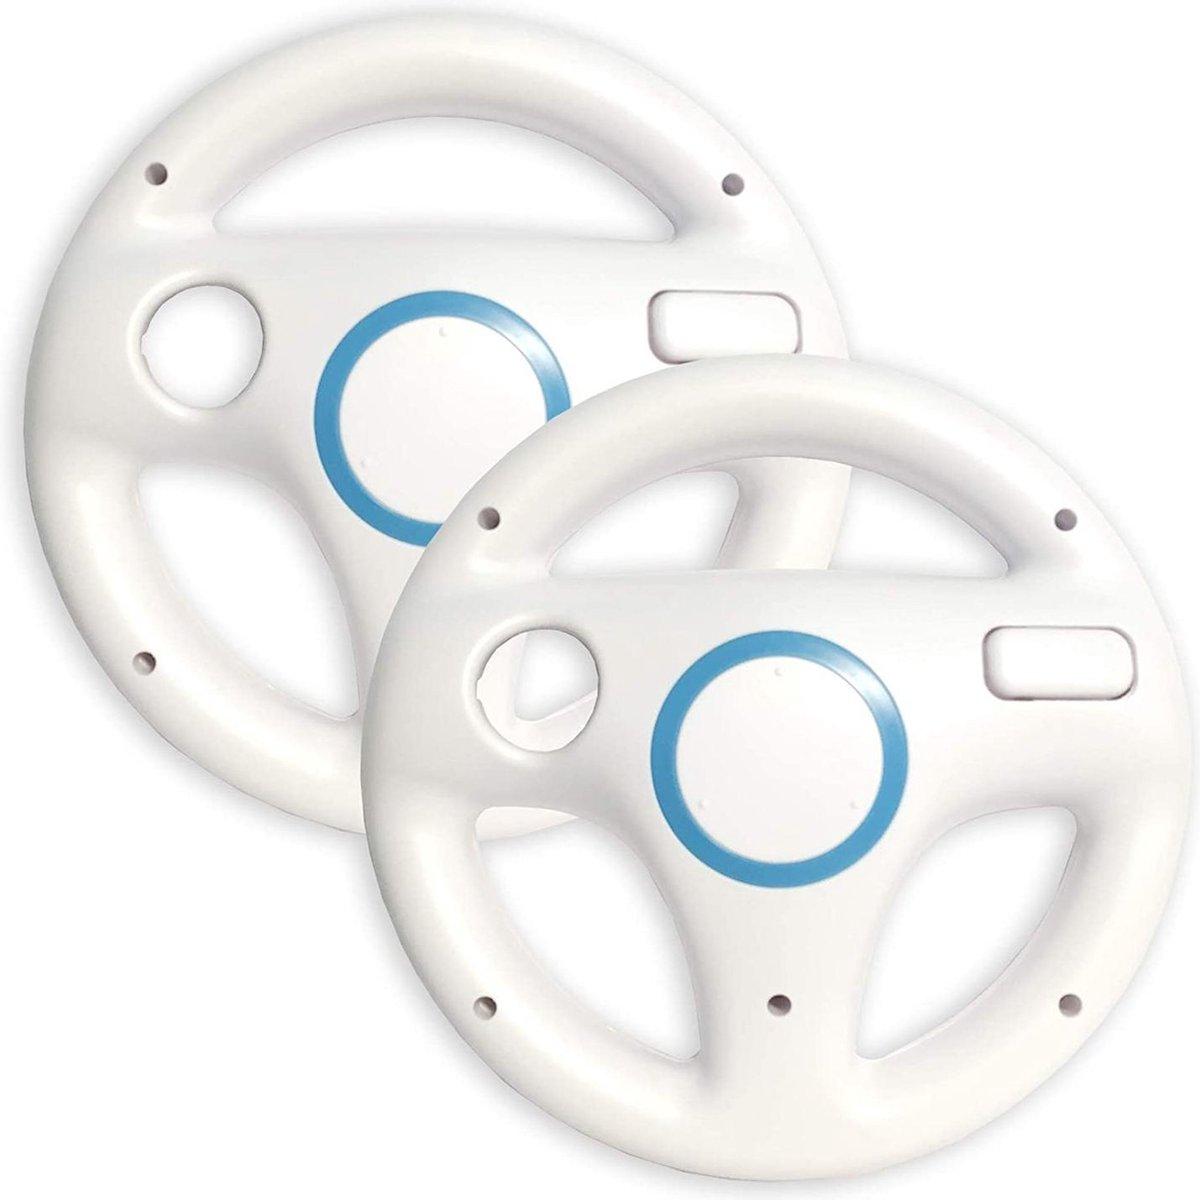 Cablebee Stuur / Wheel voor Nintendo Wii / Wii U Wit - 2 Stuks